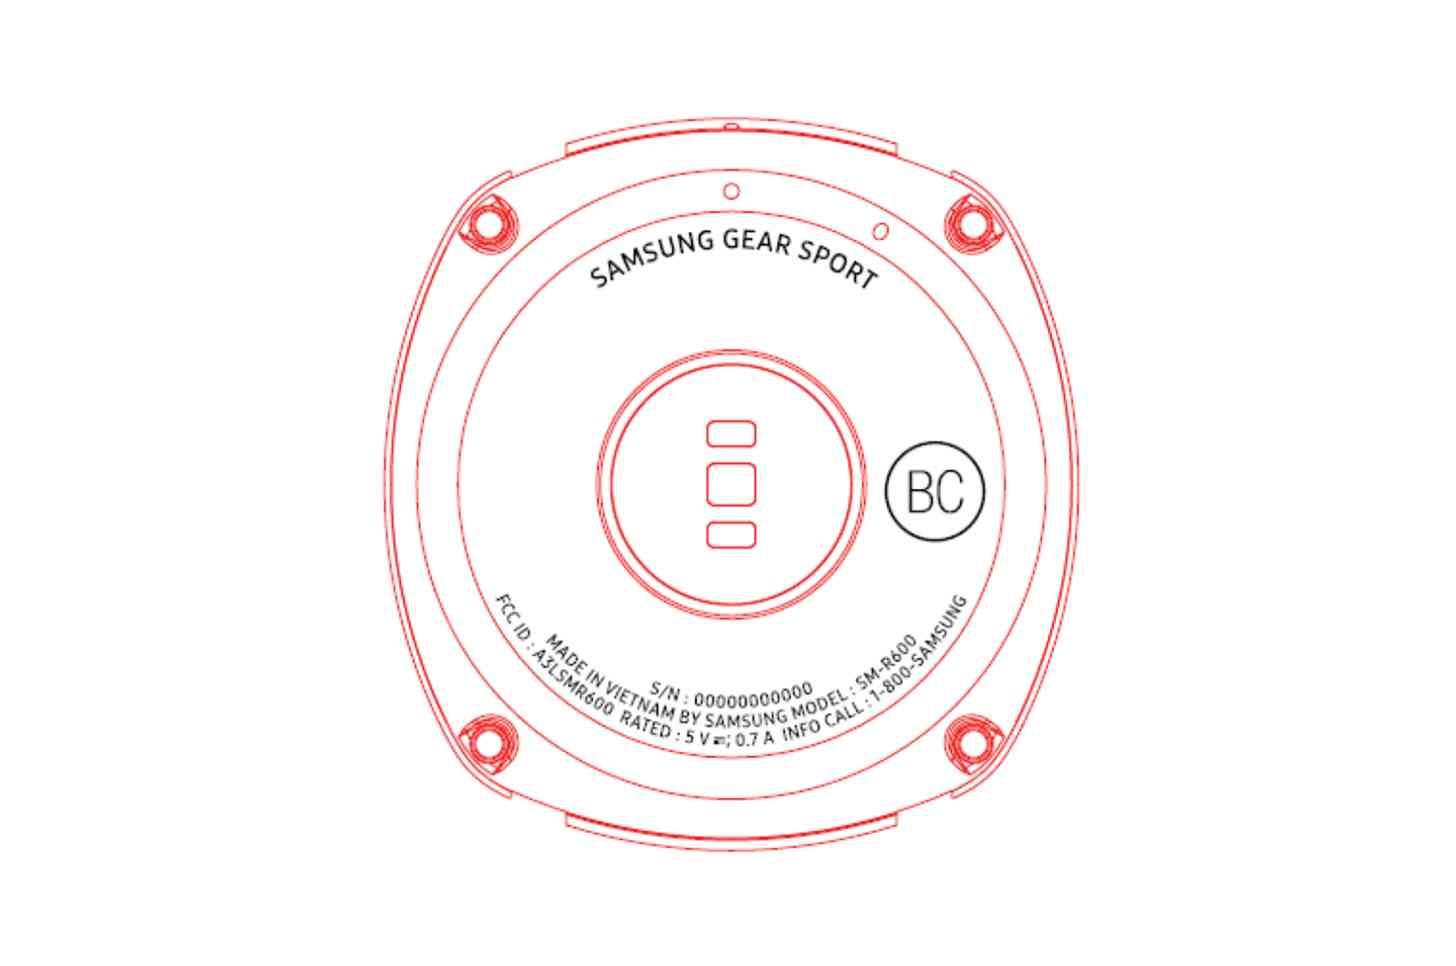 Samsung Gear Sport FCC entry